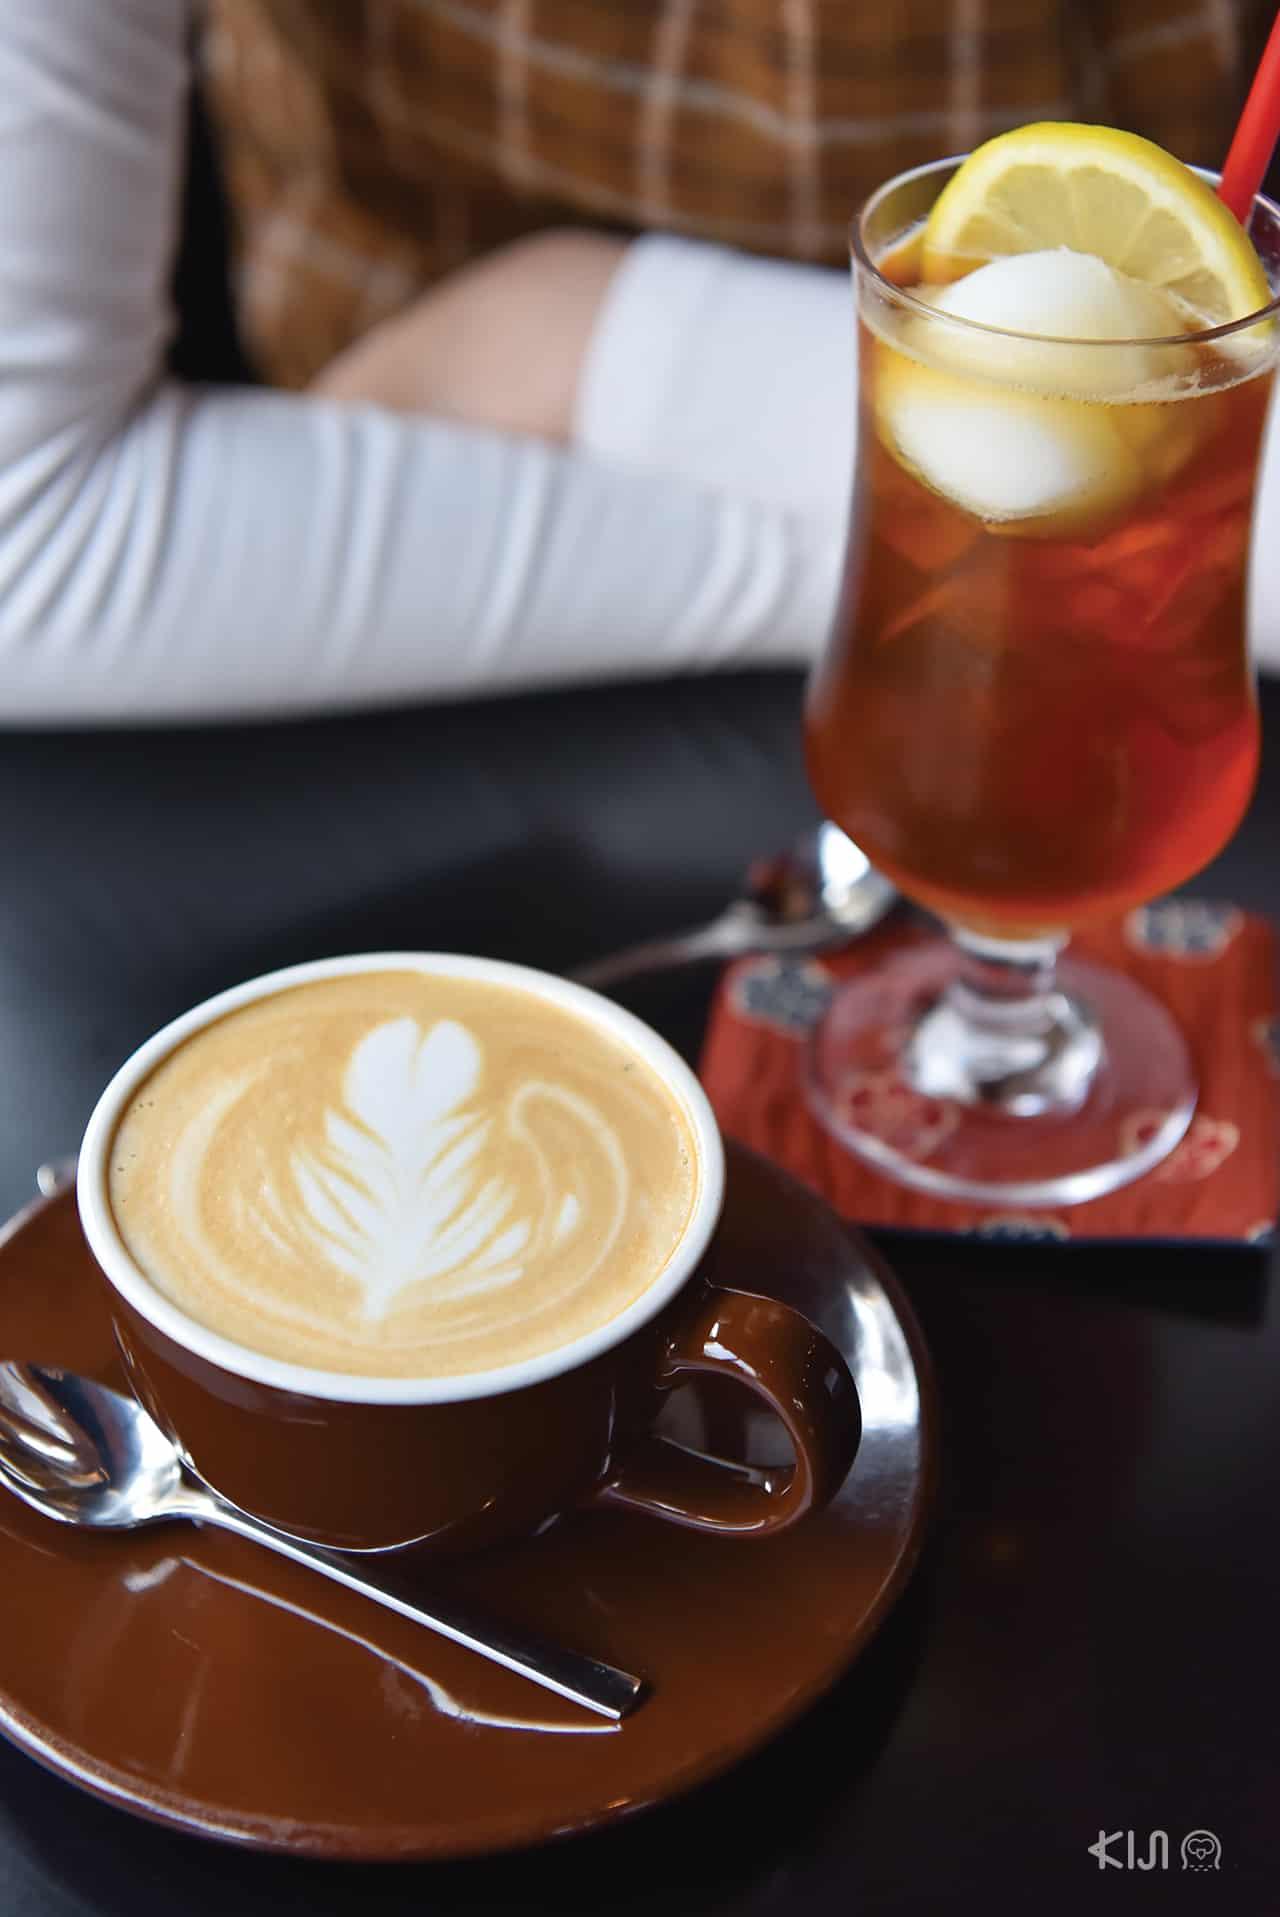 ลาเต้ร้อนและชามะนาวโซดาจากร้าน Kayaba Coffee บริเวณ Yanesen